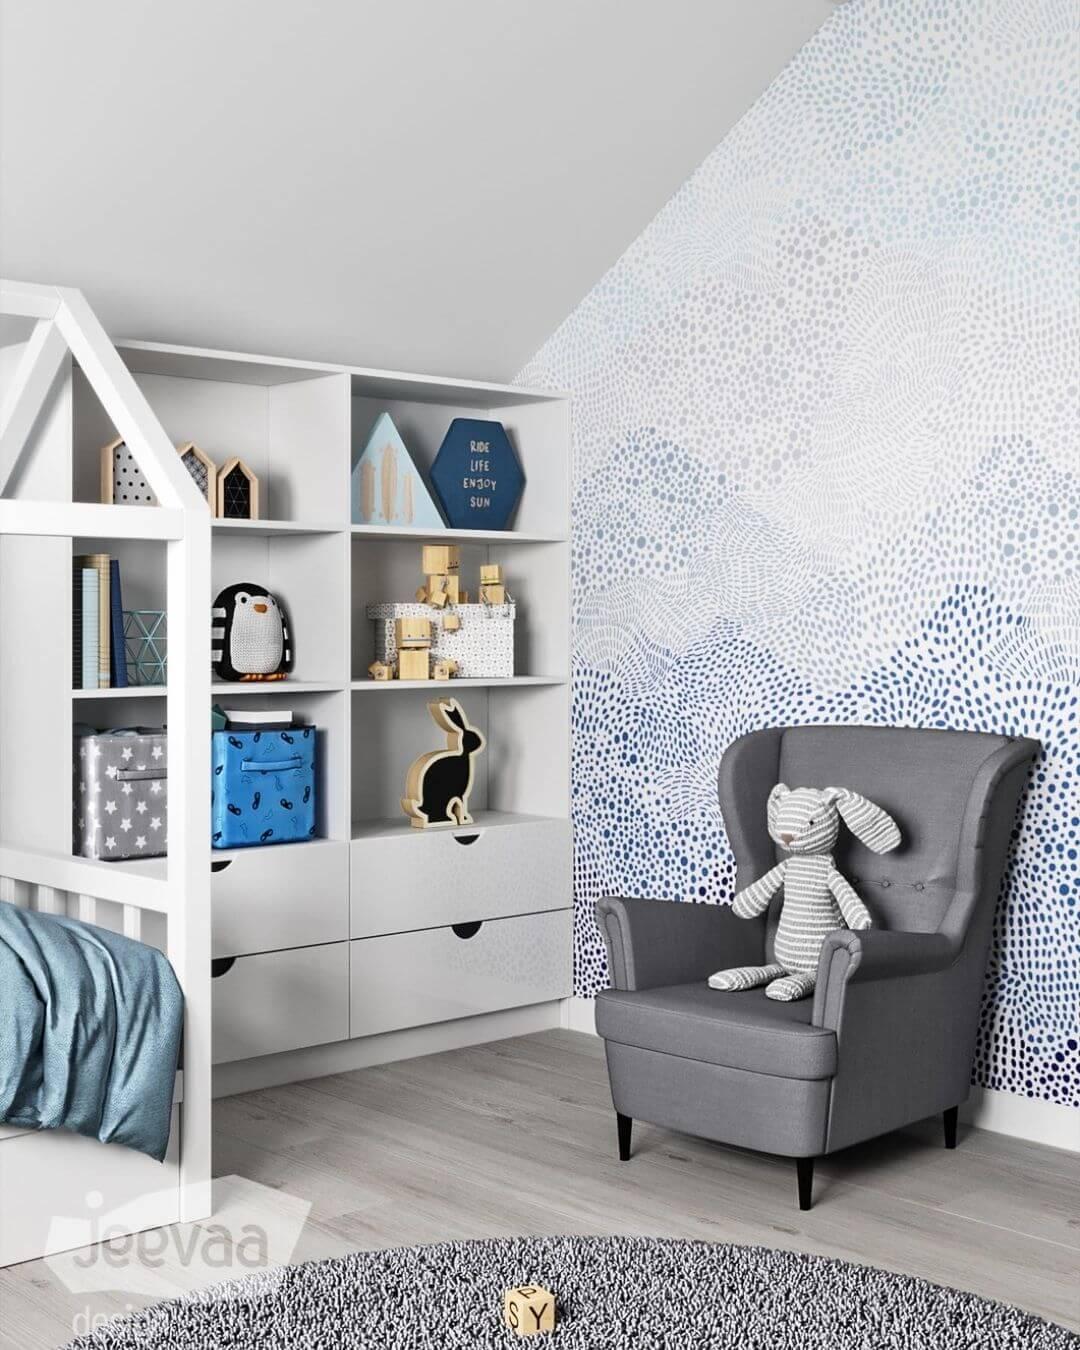 Дизайн детской комнаты дошкольников в бело-синих тонах 2